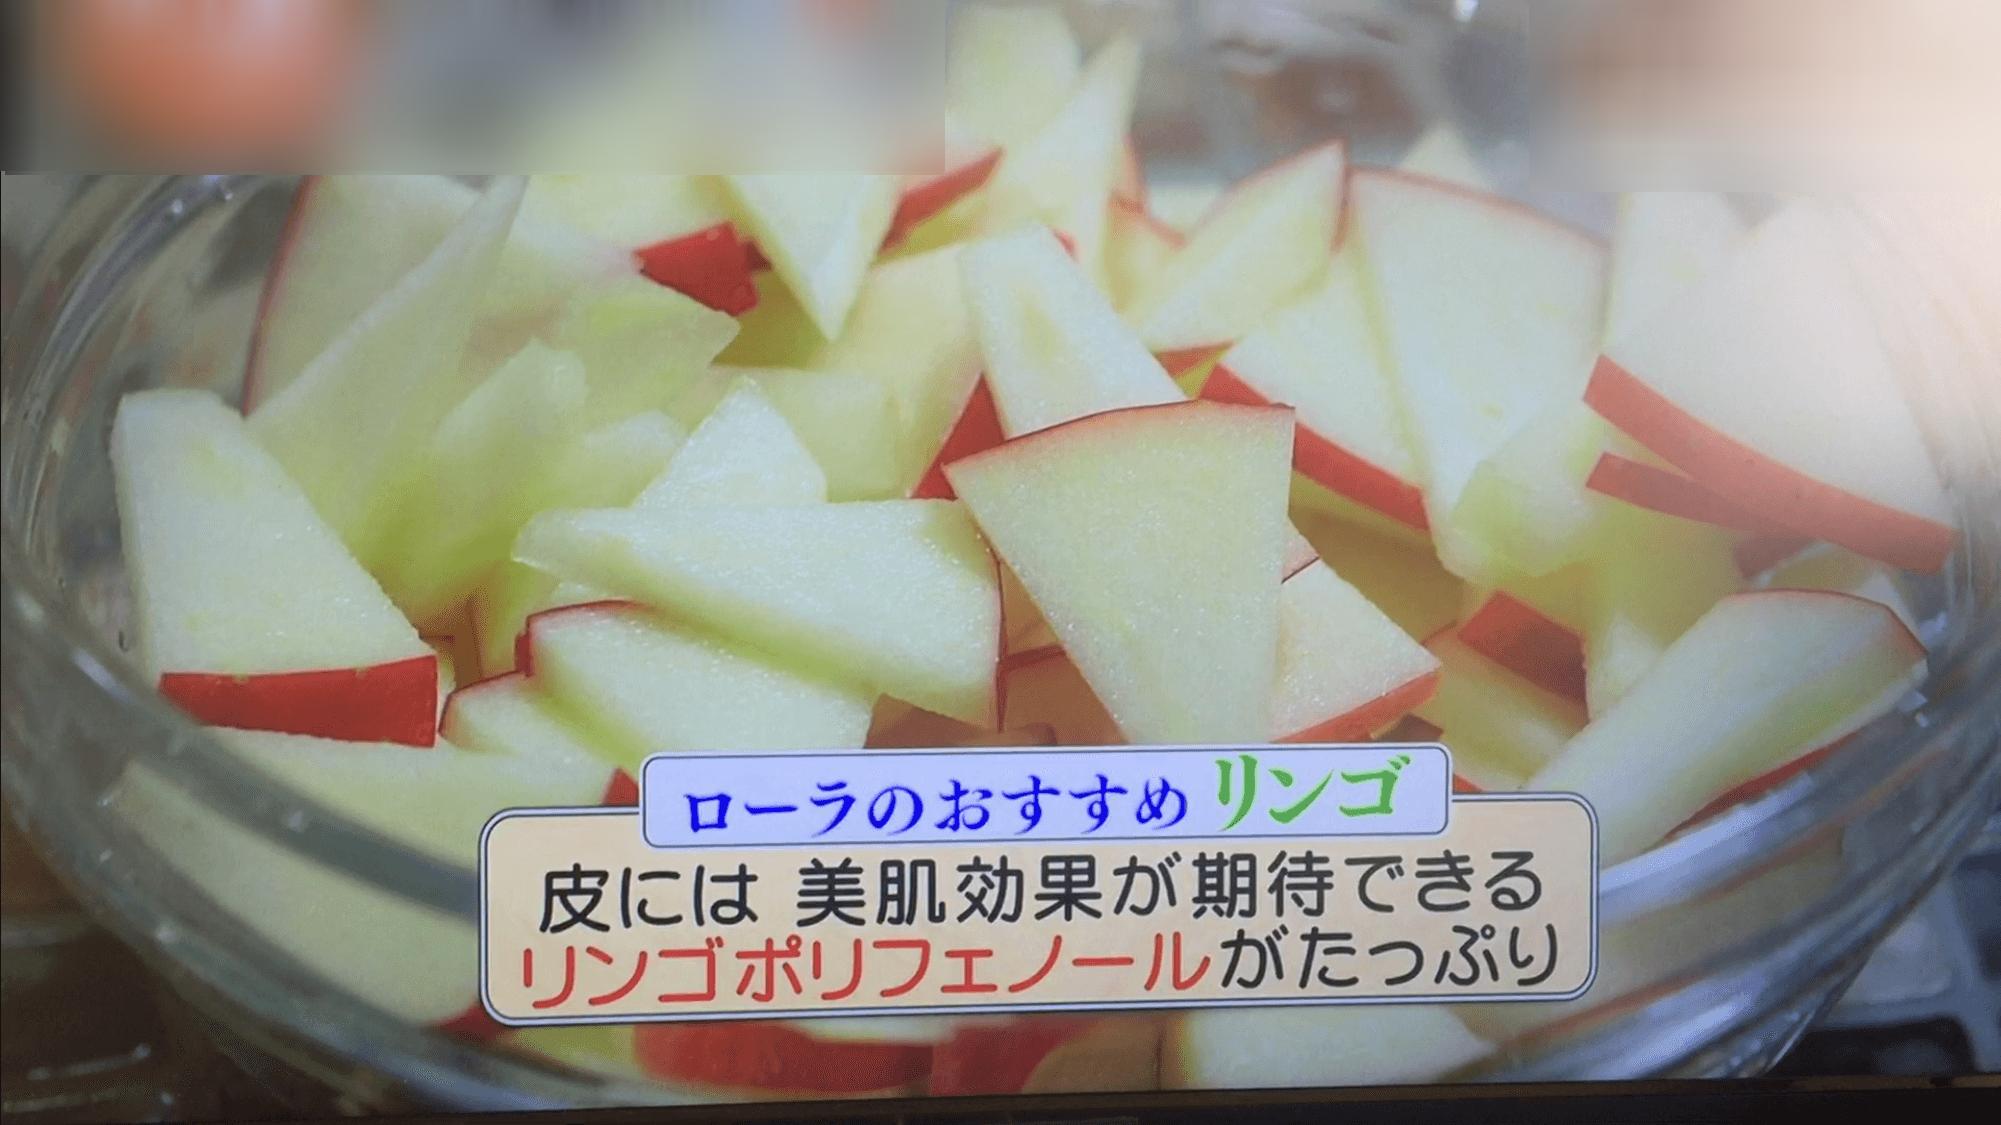 ごちそうホットサンドーりんご2